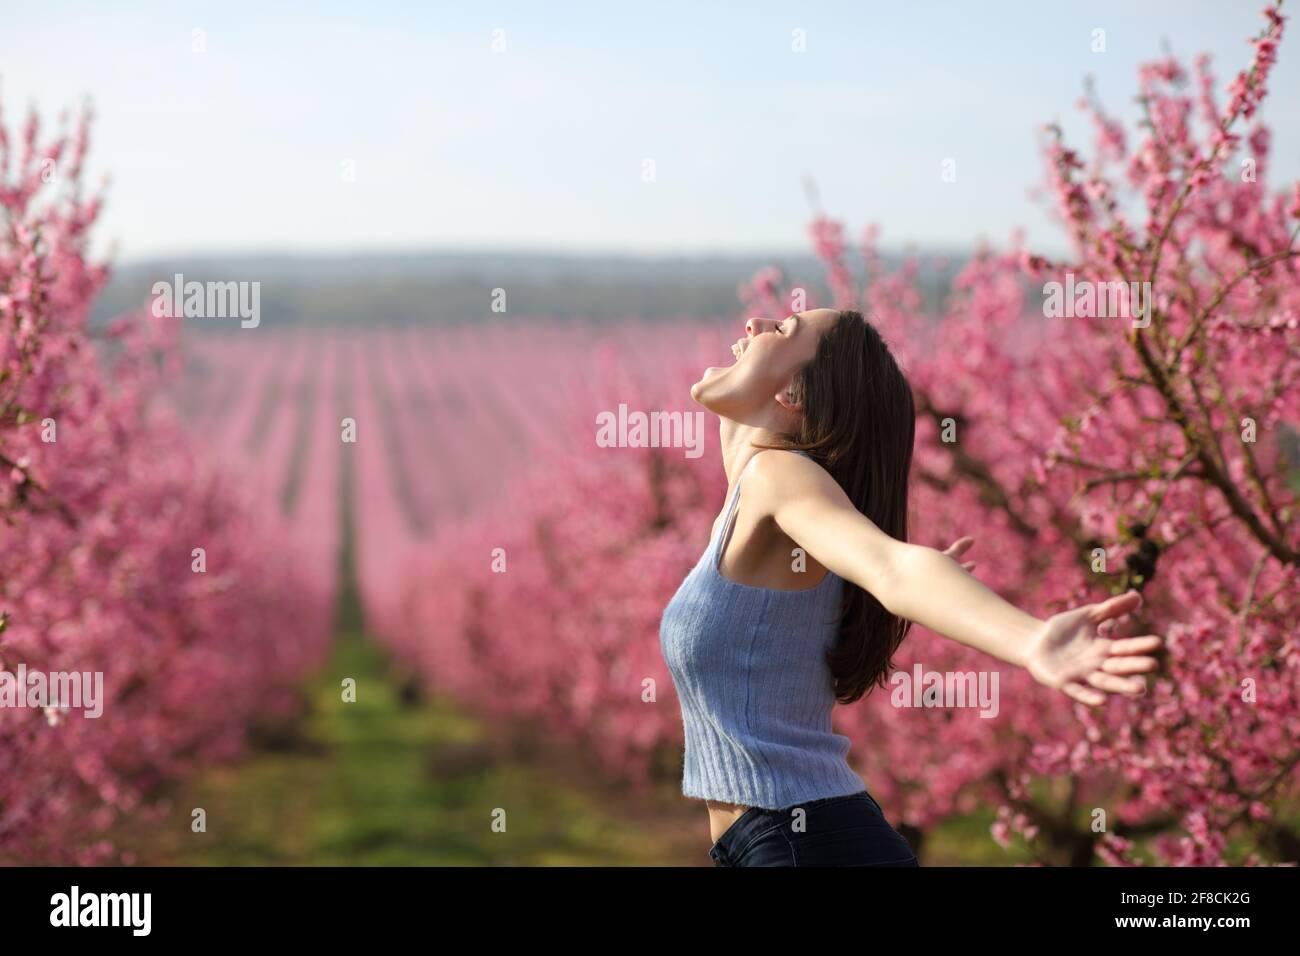 Portrait de vue latérale d'une femme excitée criant dans un des bras qui s'étirent sur le terrain célèbrent les vacances au printemps Banque D'Images